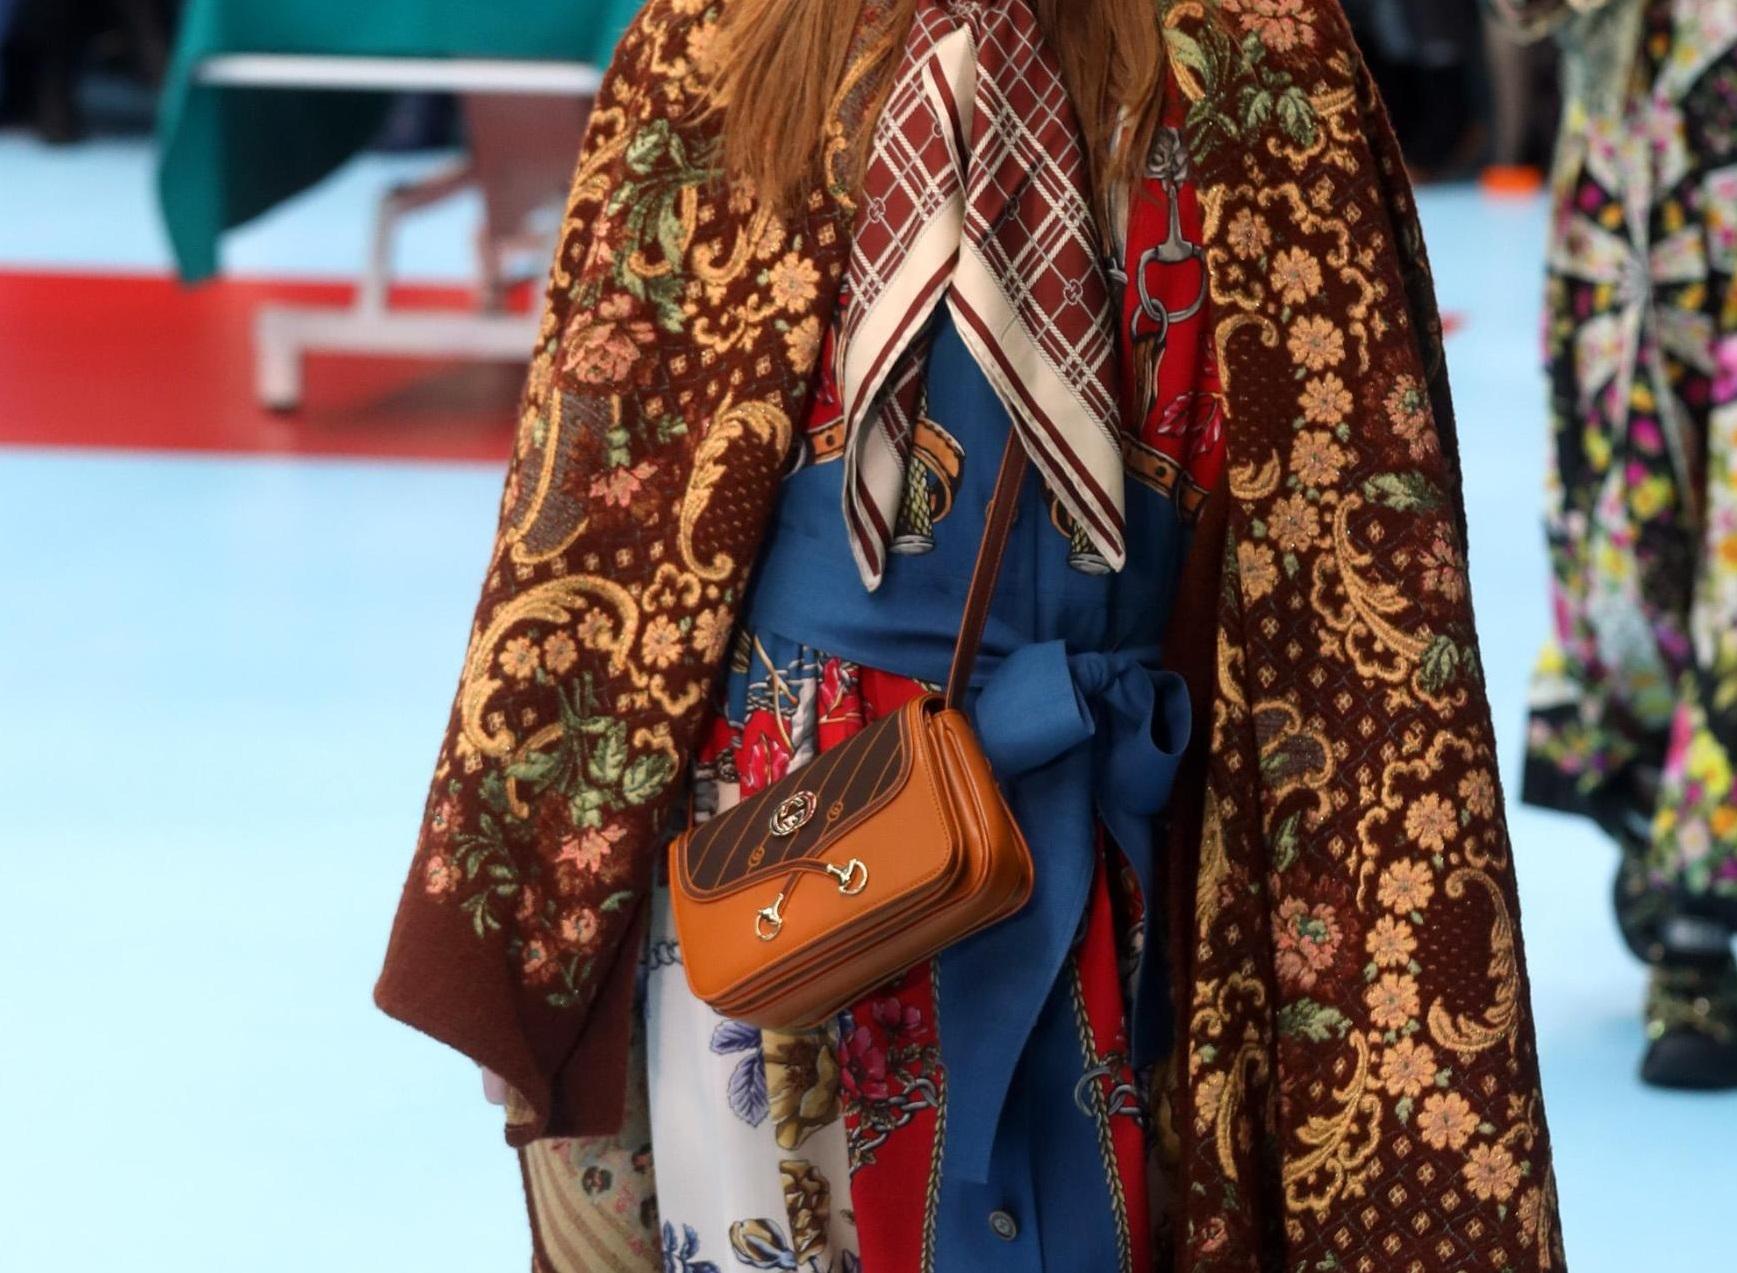 Tracolla in pelle Gucci decorata borse inverno tendenza